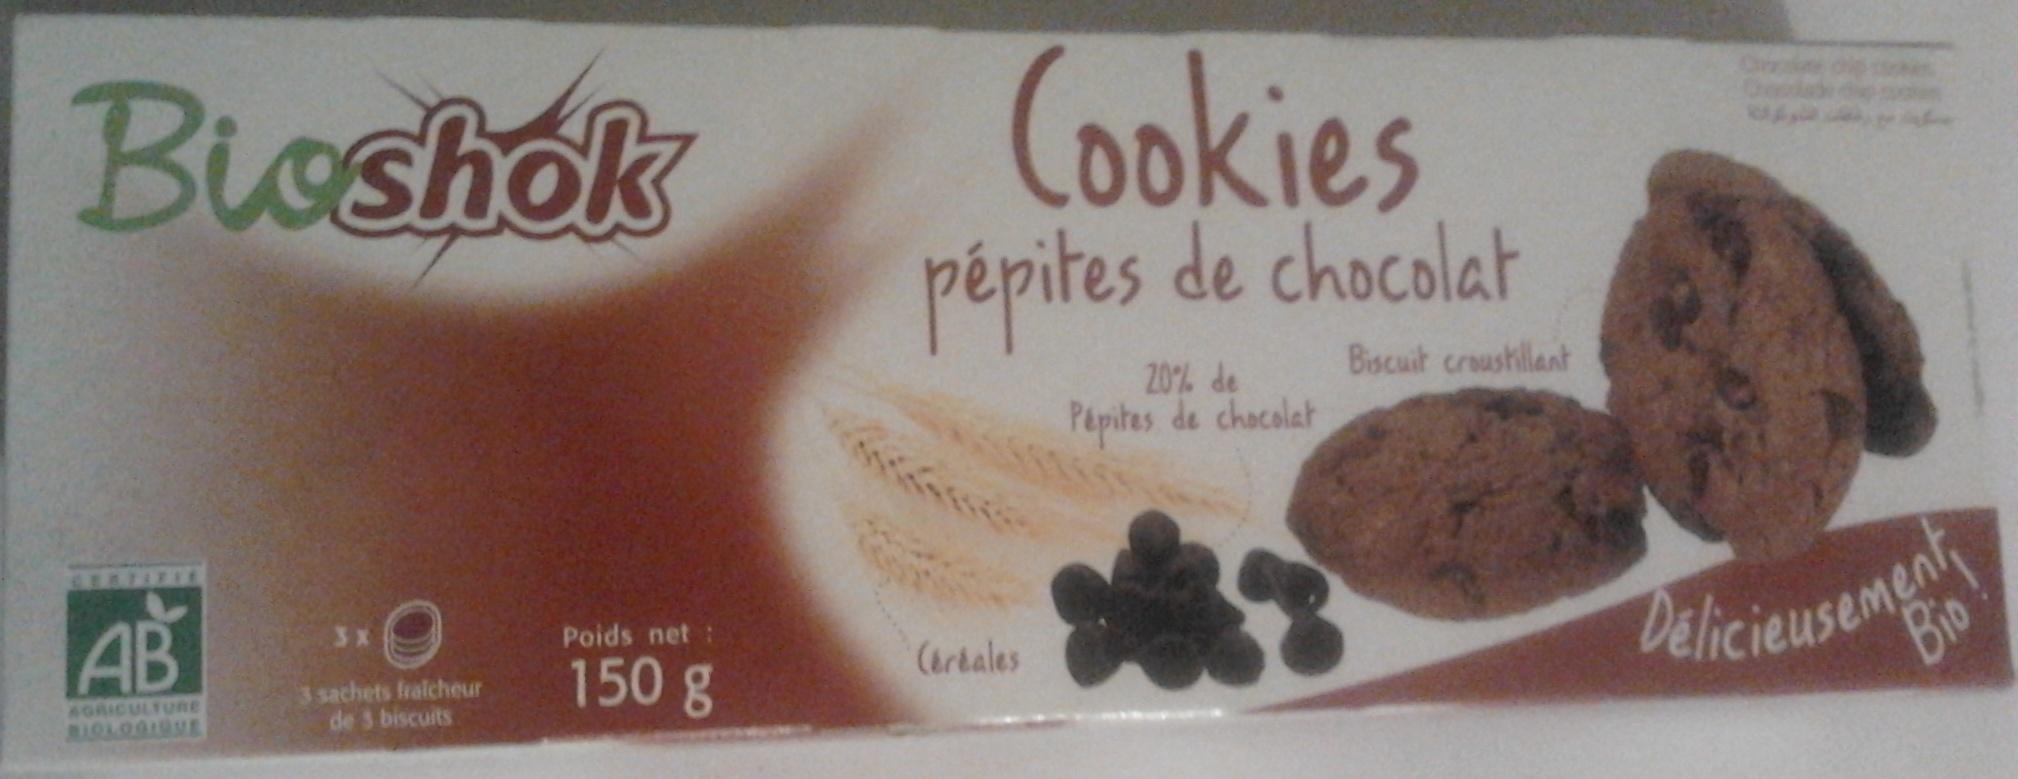 Cookies pépites de chocolat - Produit - fr